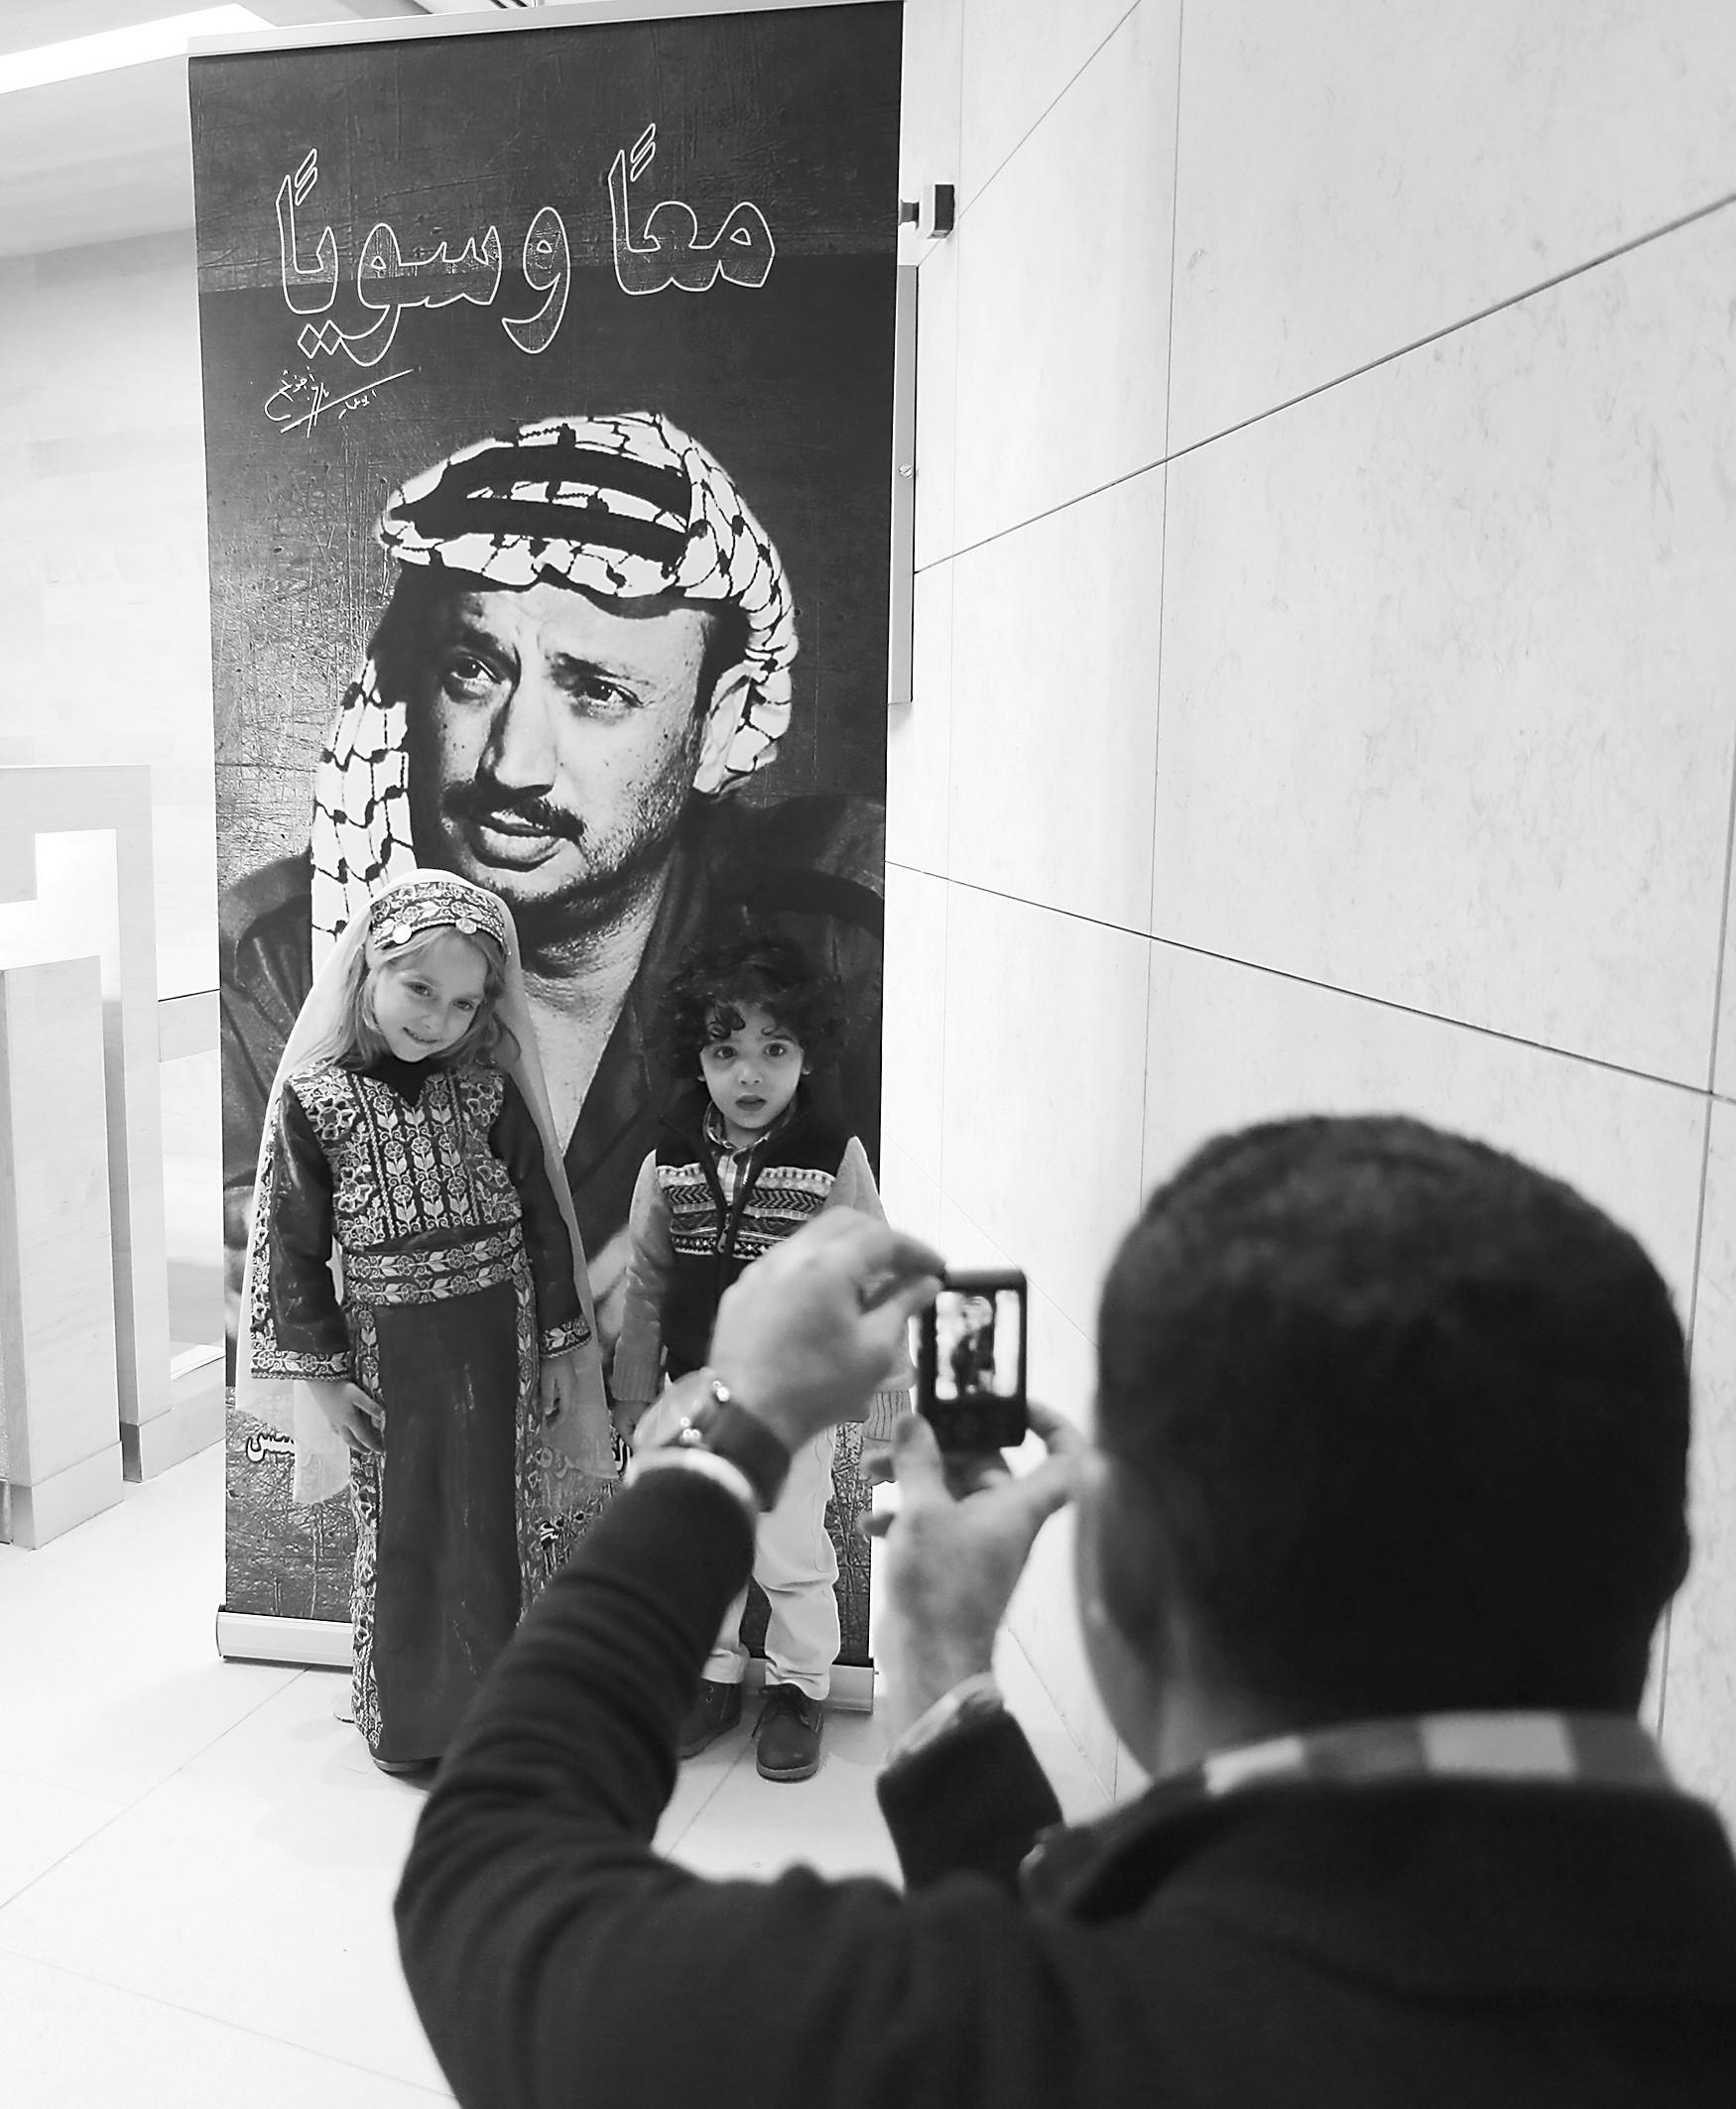 阿拉法特博物馆装满民族记忆